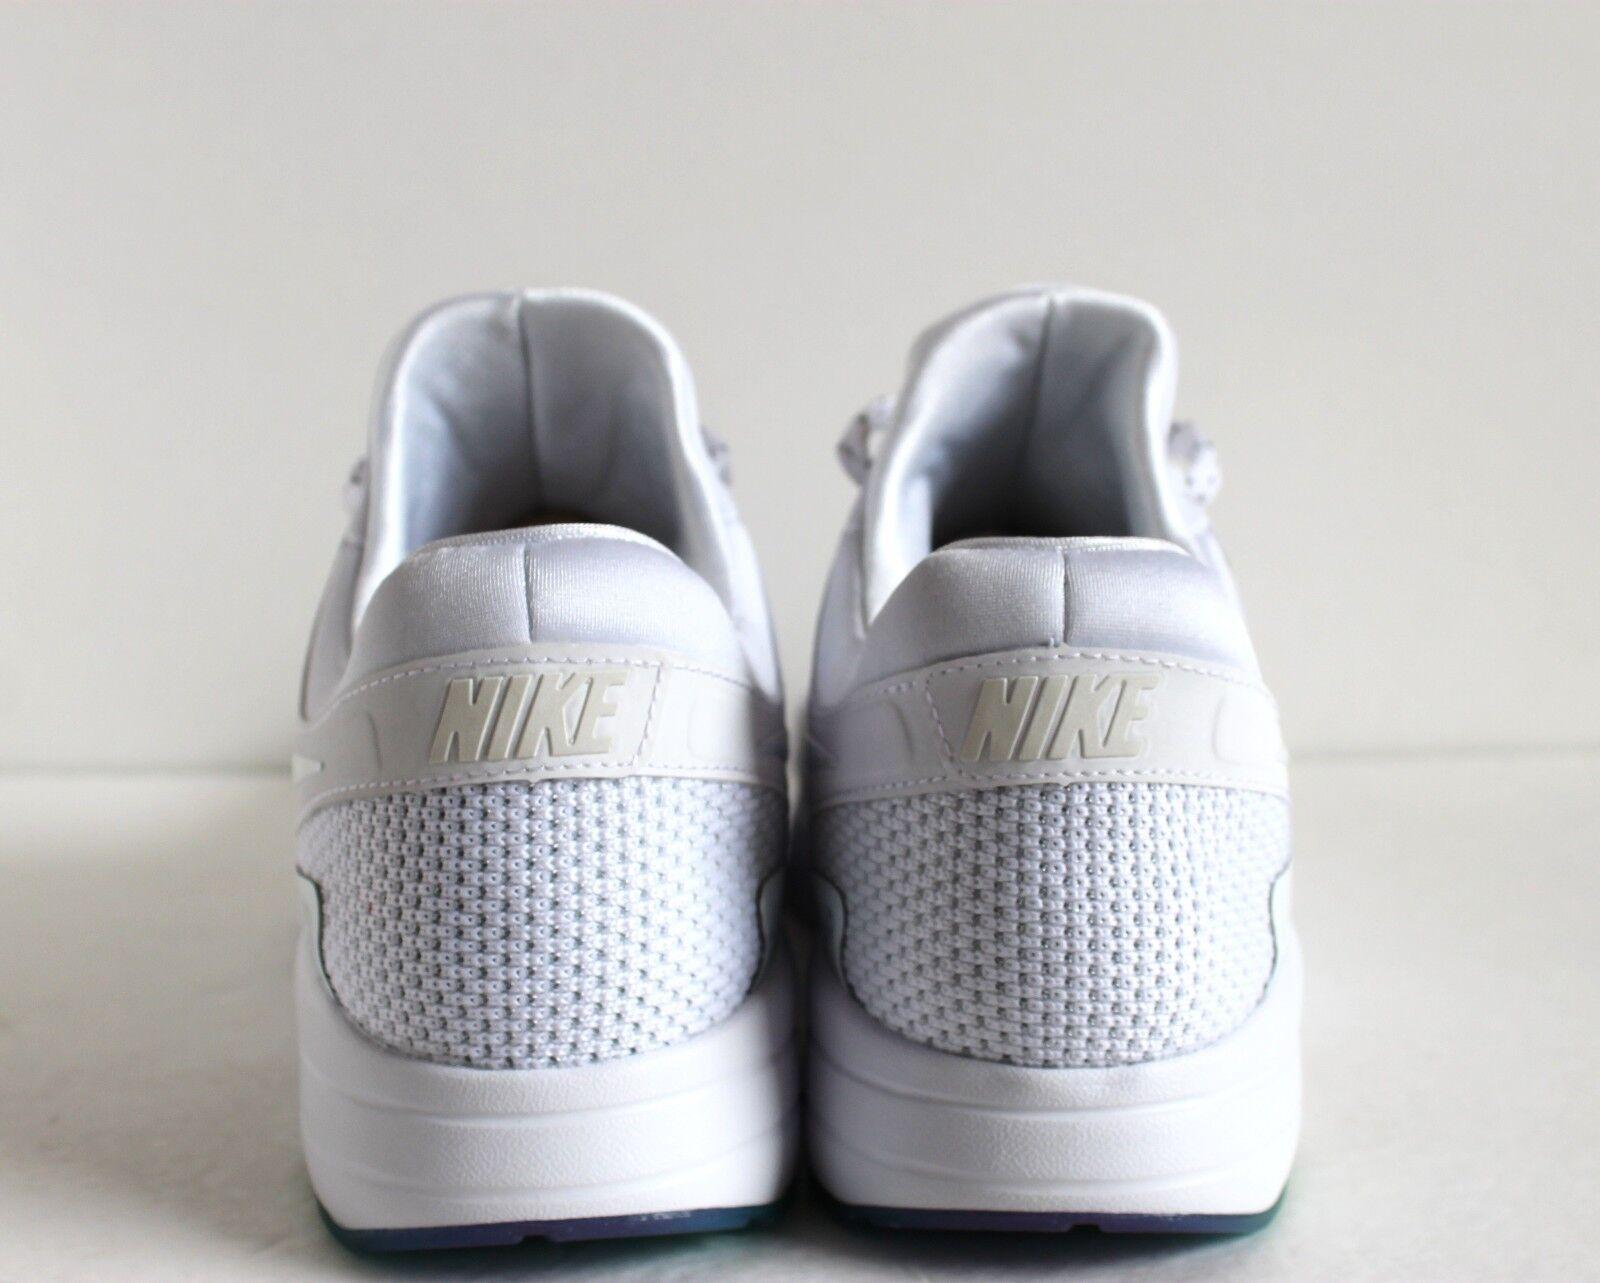 Nike air max zero qs